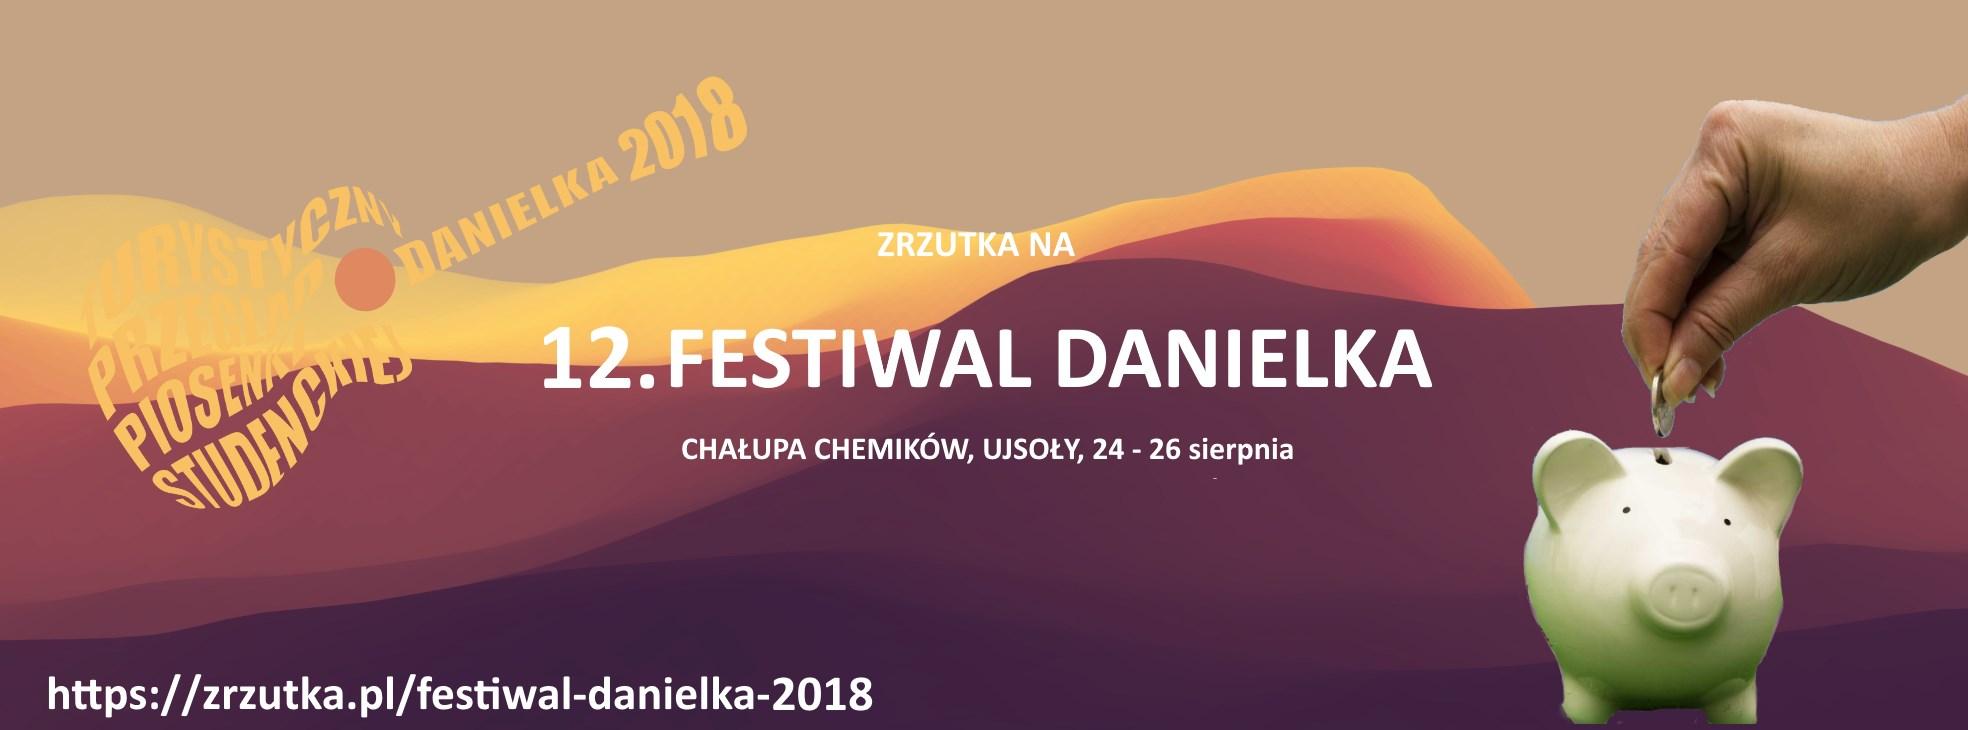 Zrzutka na Danielkę 2018 uruchomiona!